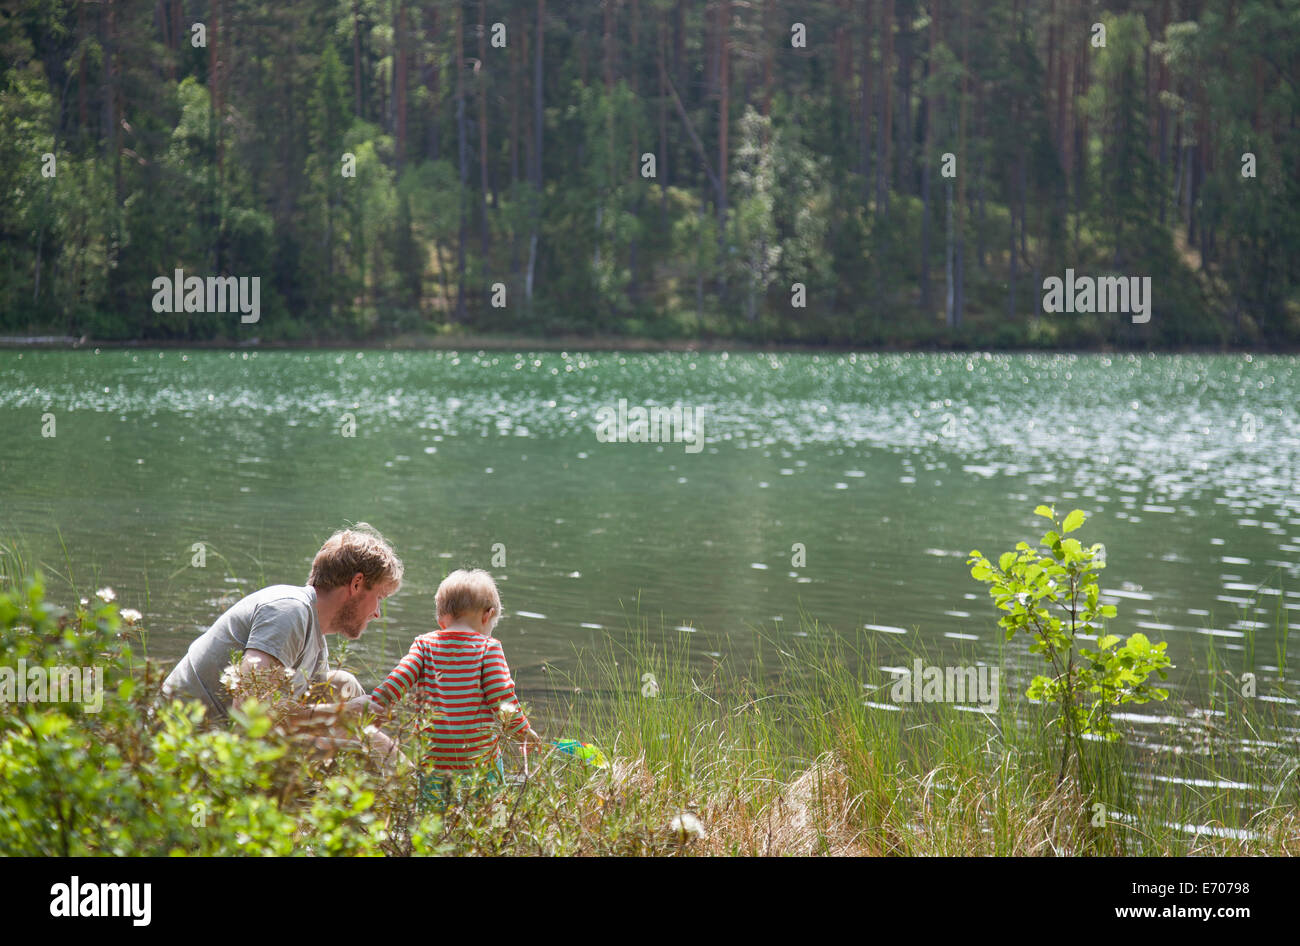 Padre e figlio guardando in giù nel lago, Somerniemi, Finlandia Immagini Stock